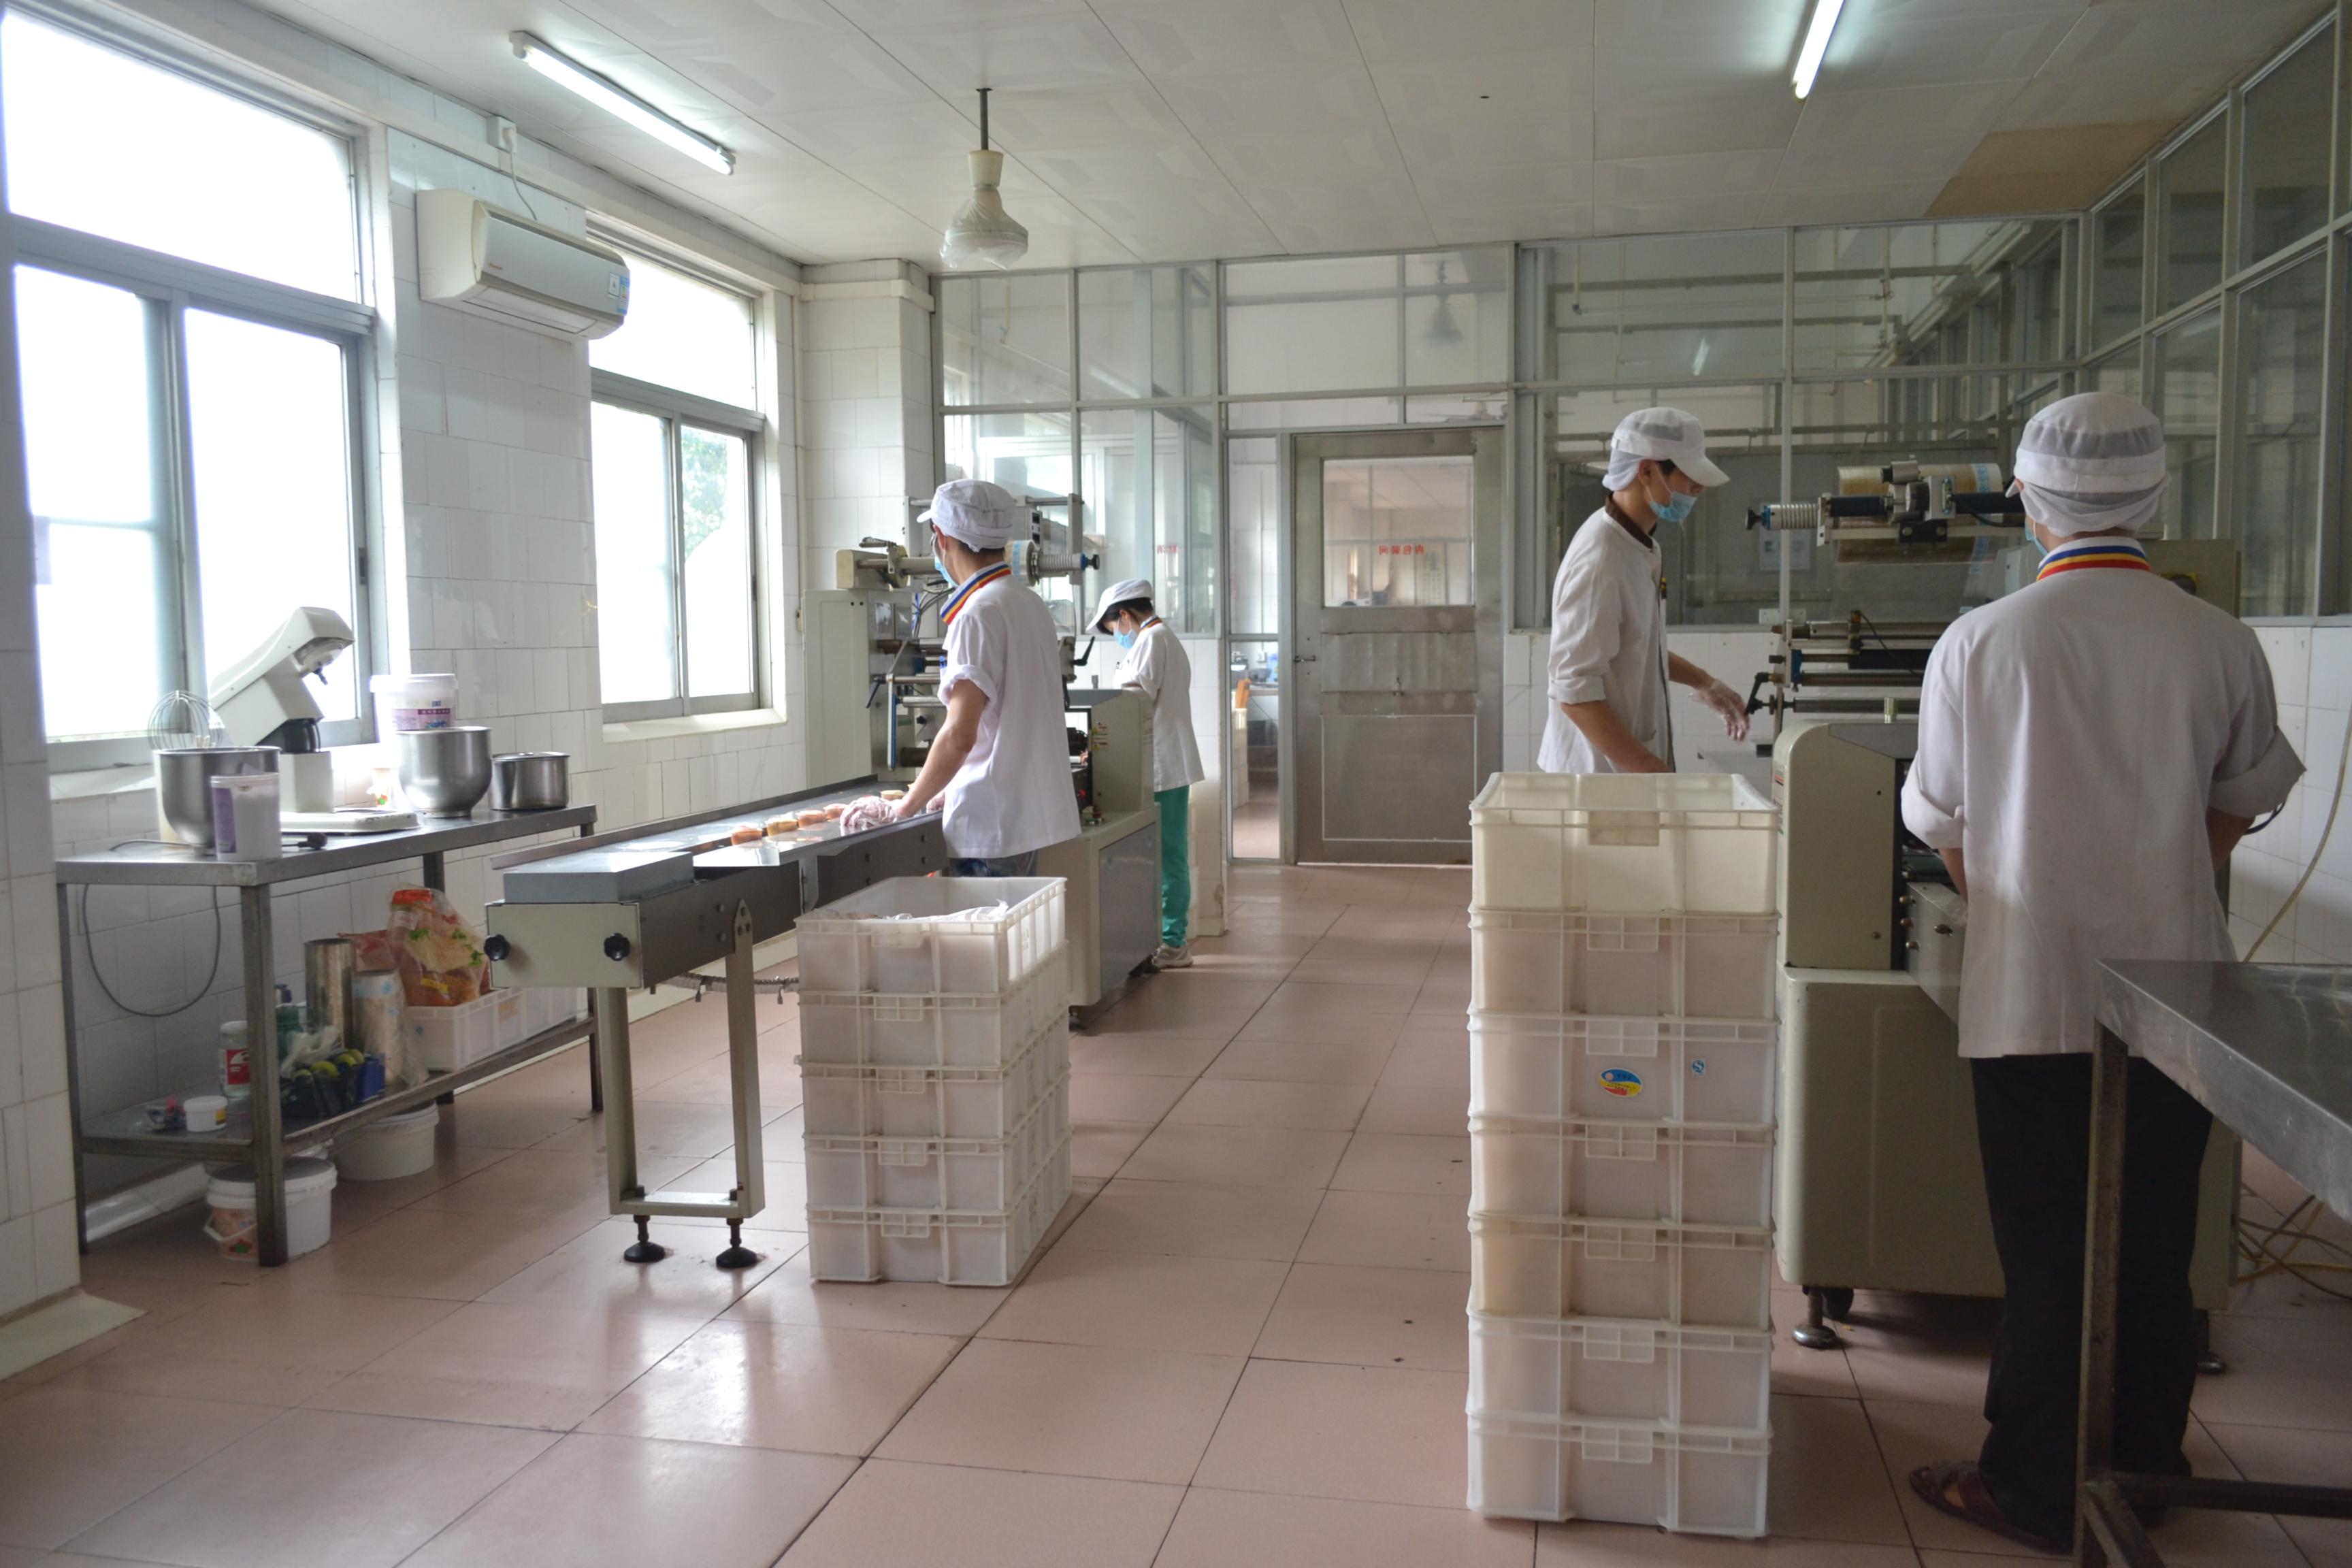 華隆面包蛋糕西點等烘焙產品批發代工配送